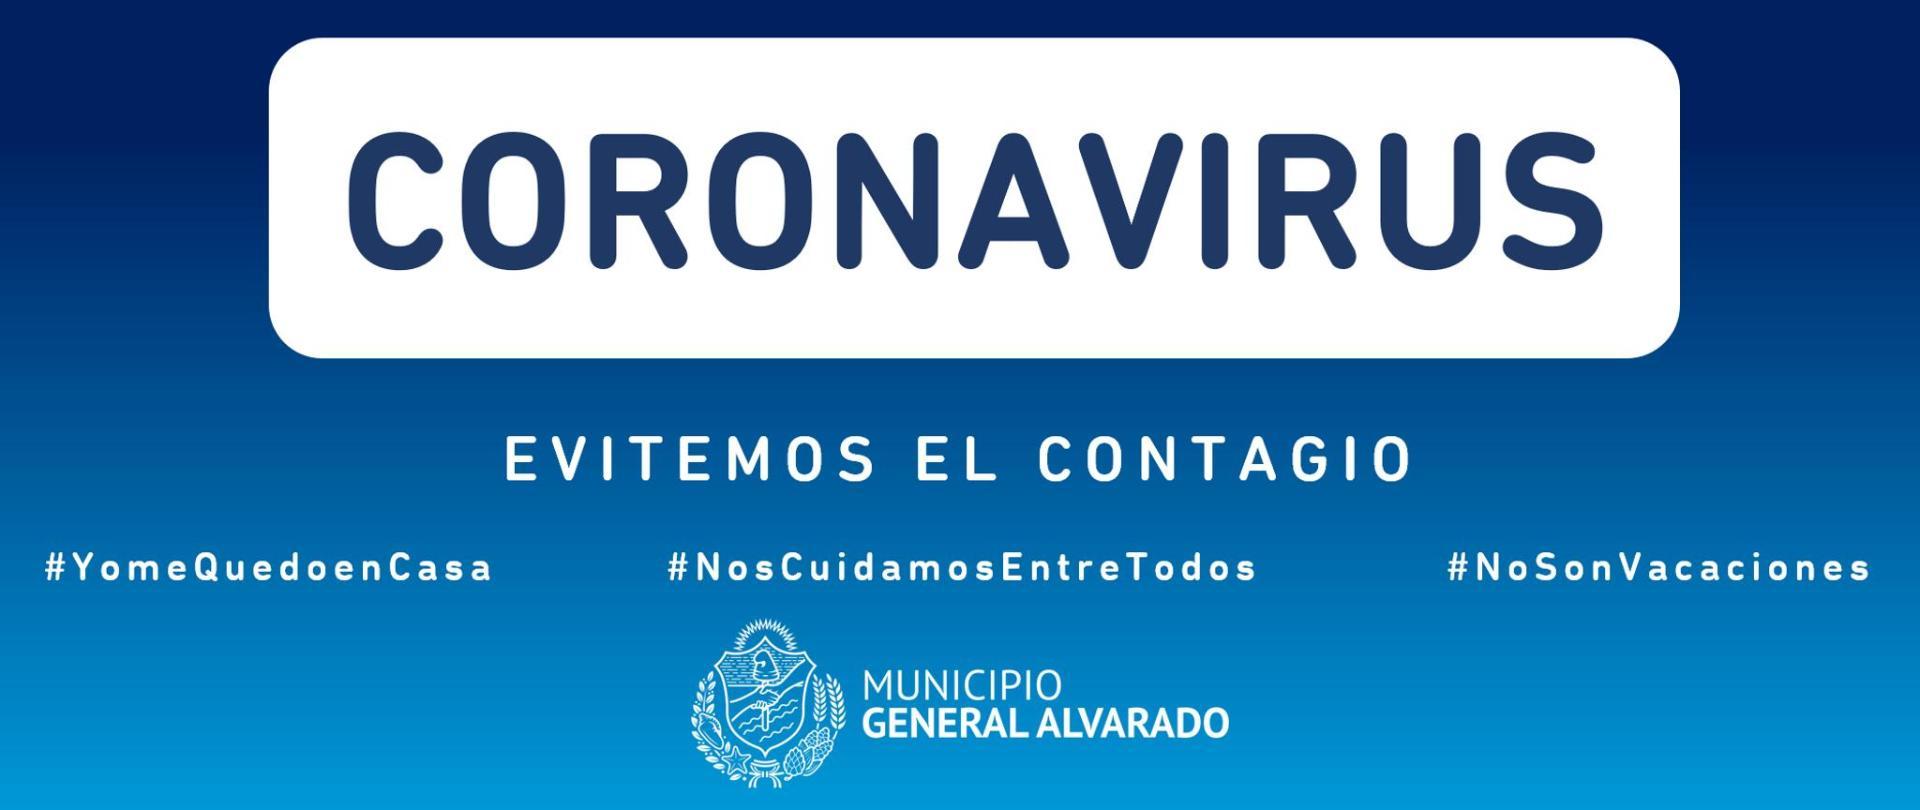 Coronavirus Hotel Turingia Miramar.png